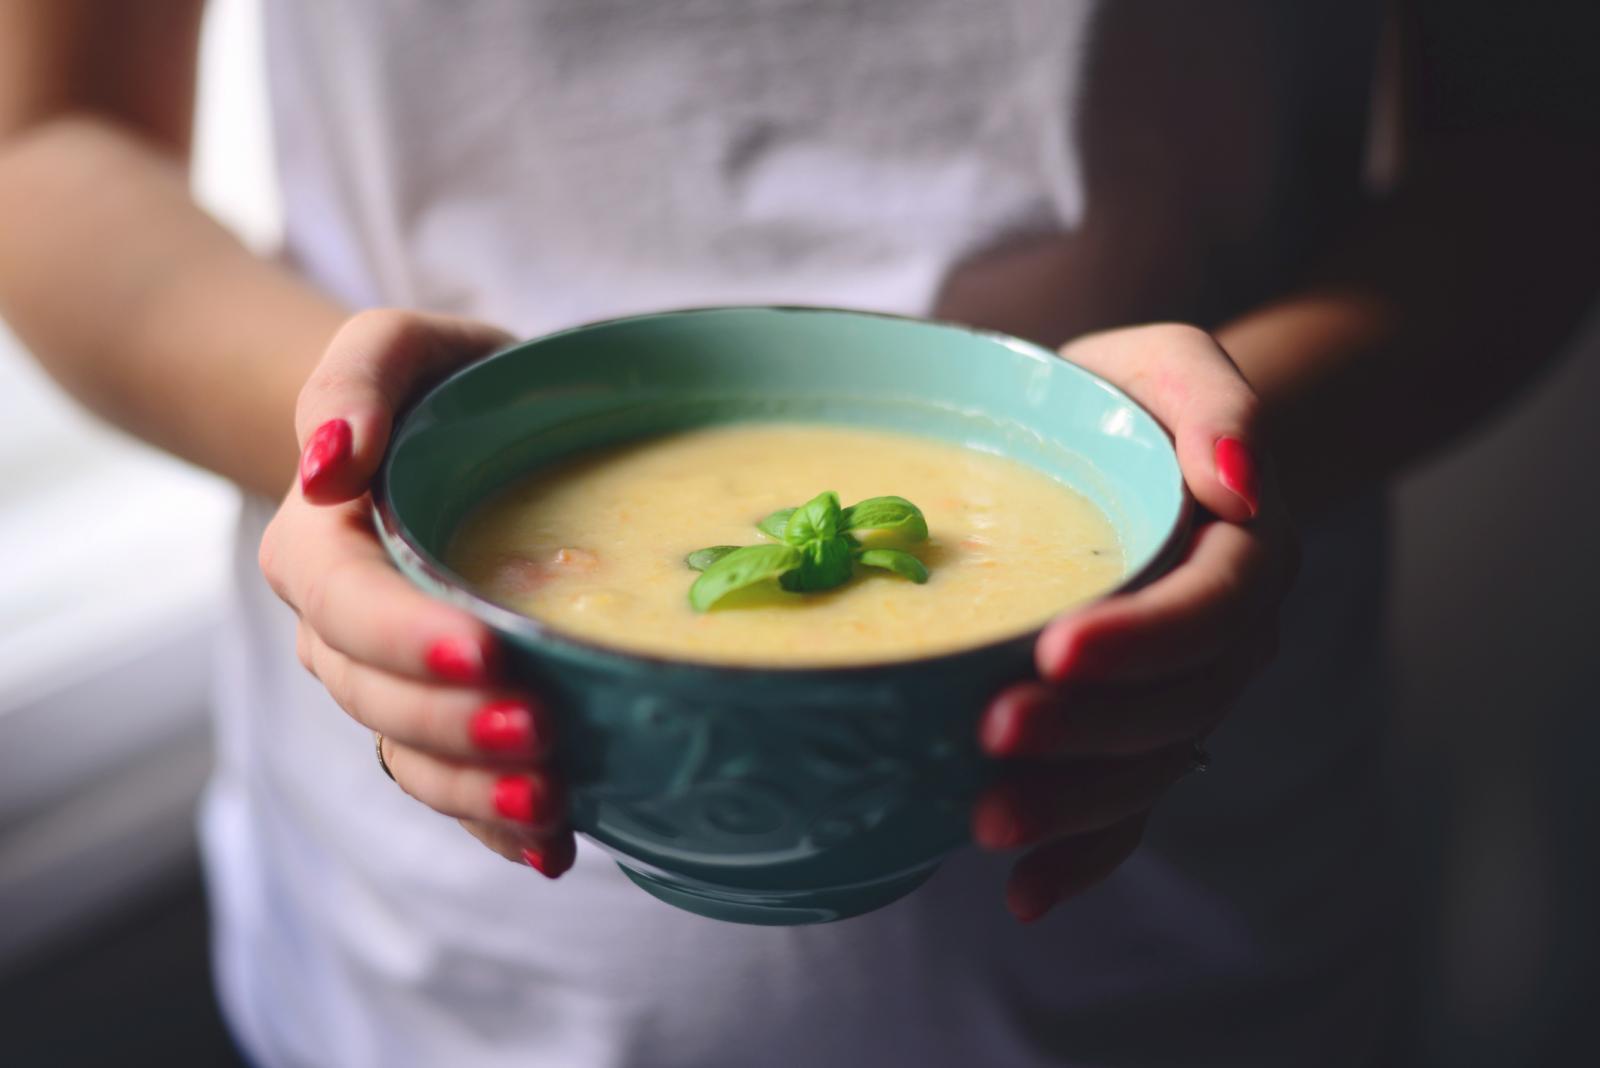 Ako se želimo hraniti zdravo, a pritom imamo i povišen tlak, važno je jesti čim više sezonskog voća i povrća.